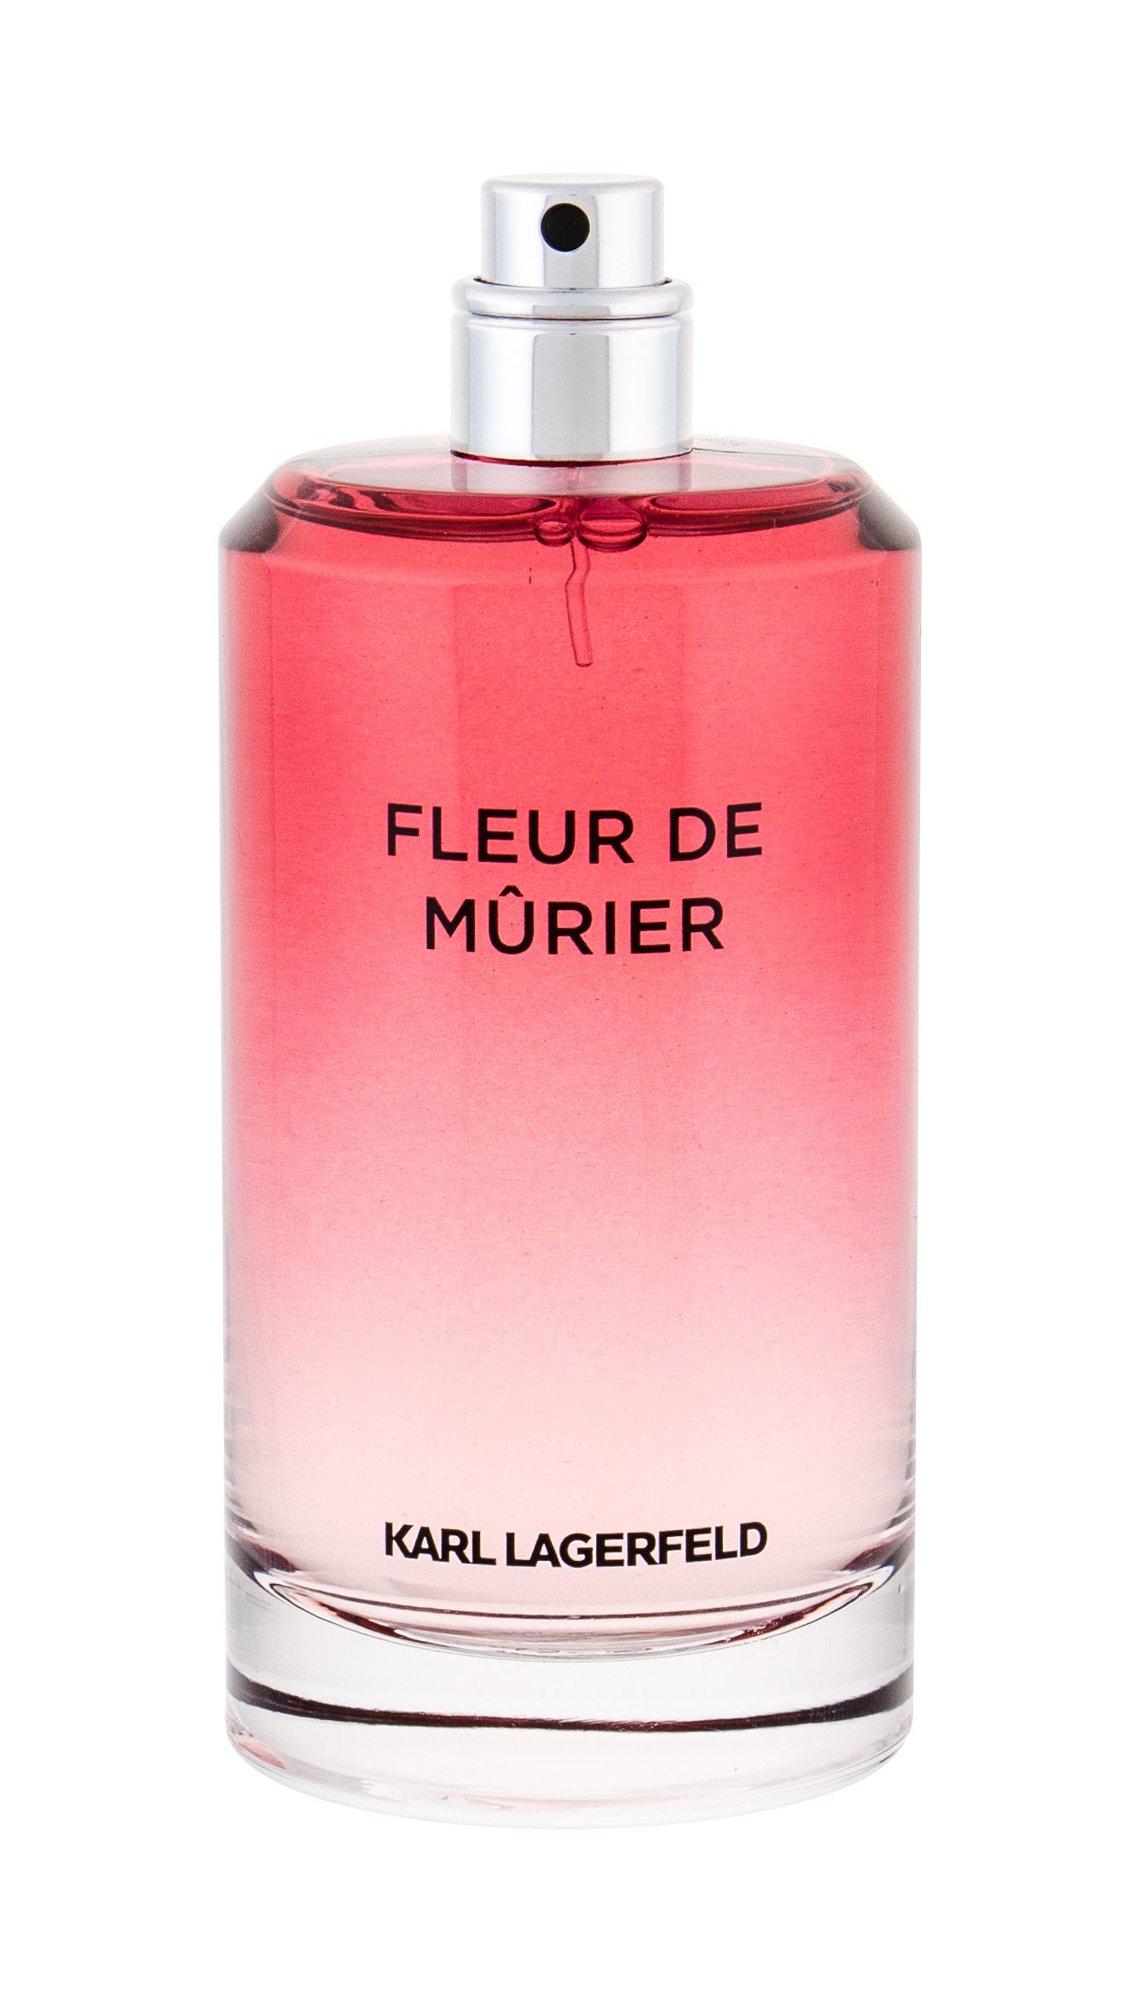 Karl Lagerfeld Les Parfums Matieres Eau de Parfum 100ml